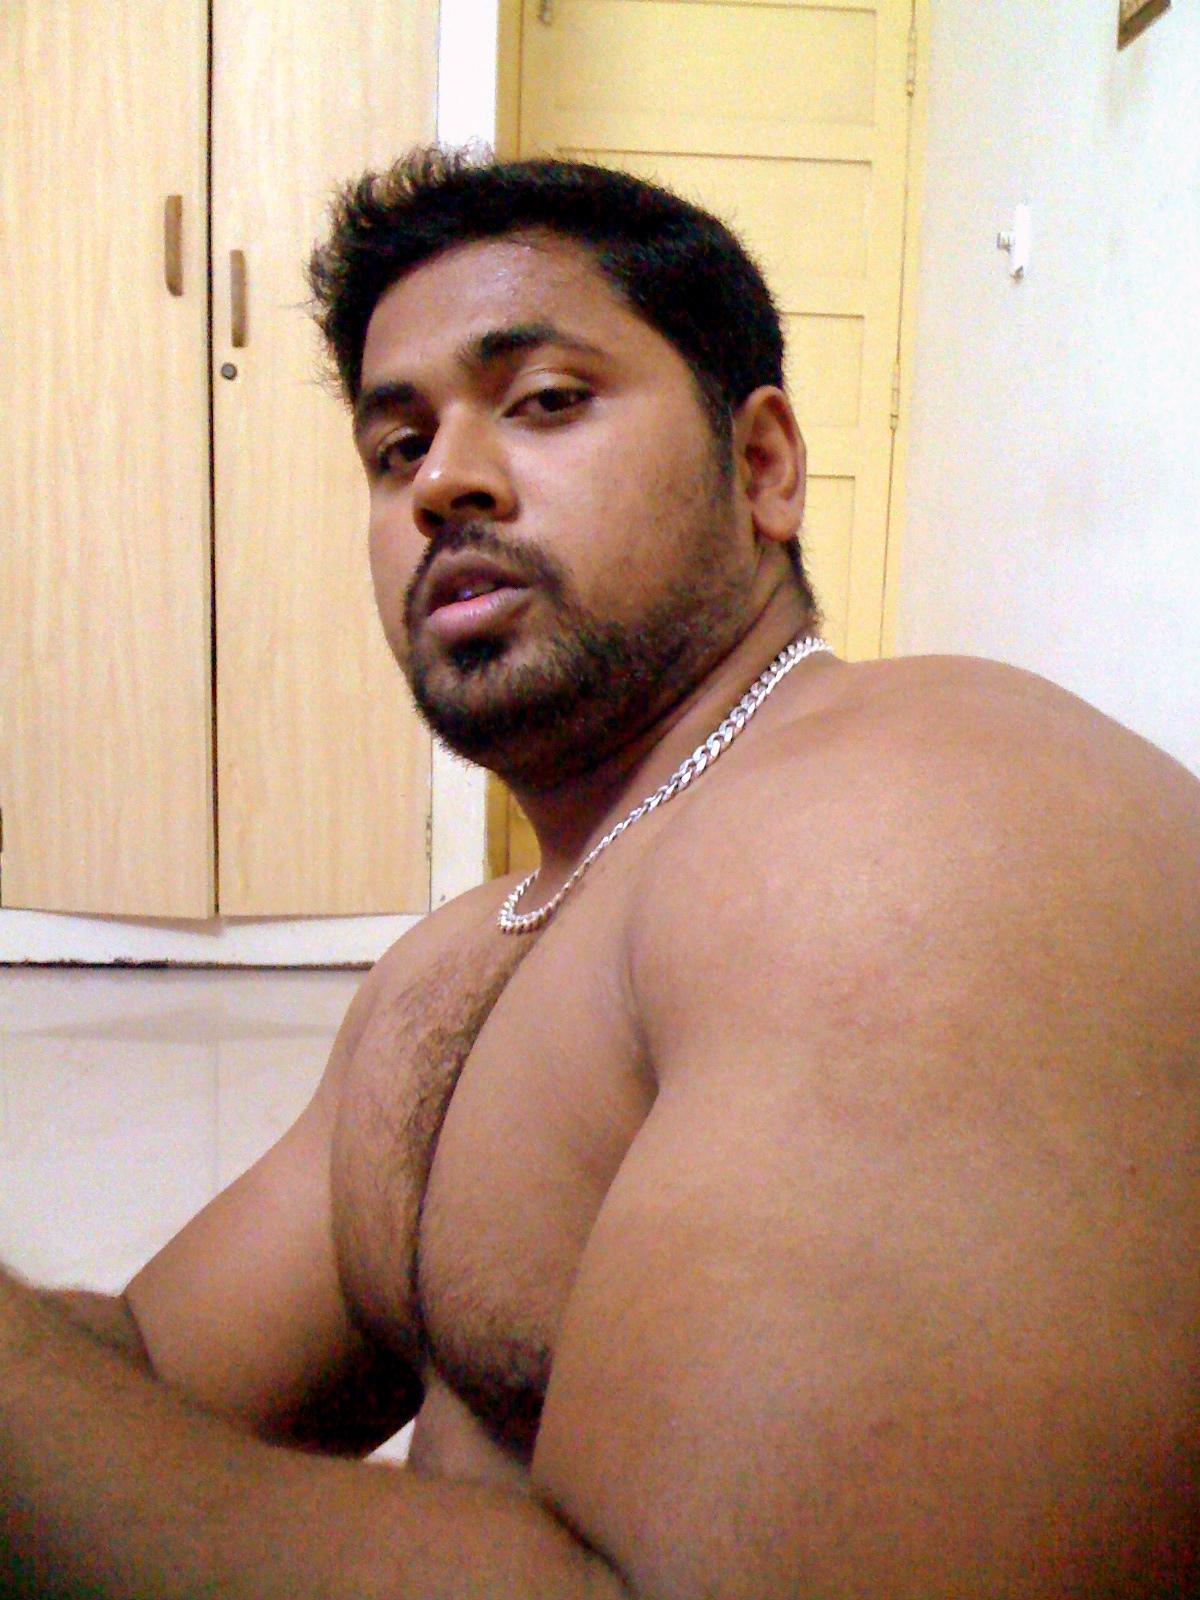 fat gay men porn free